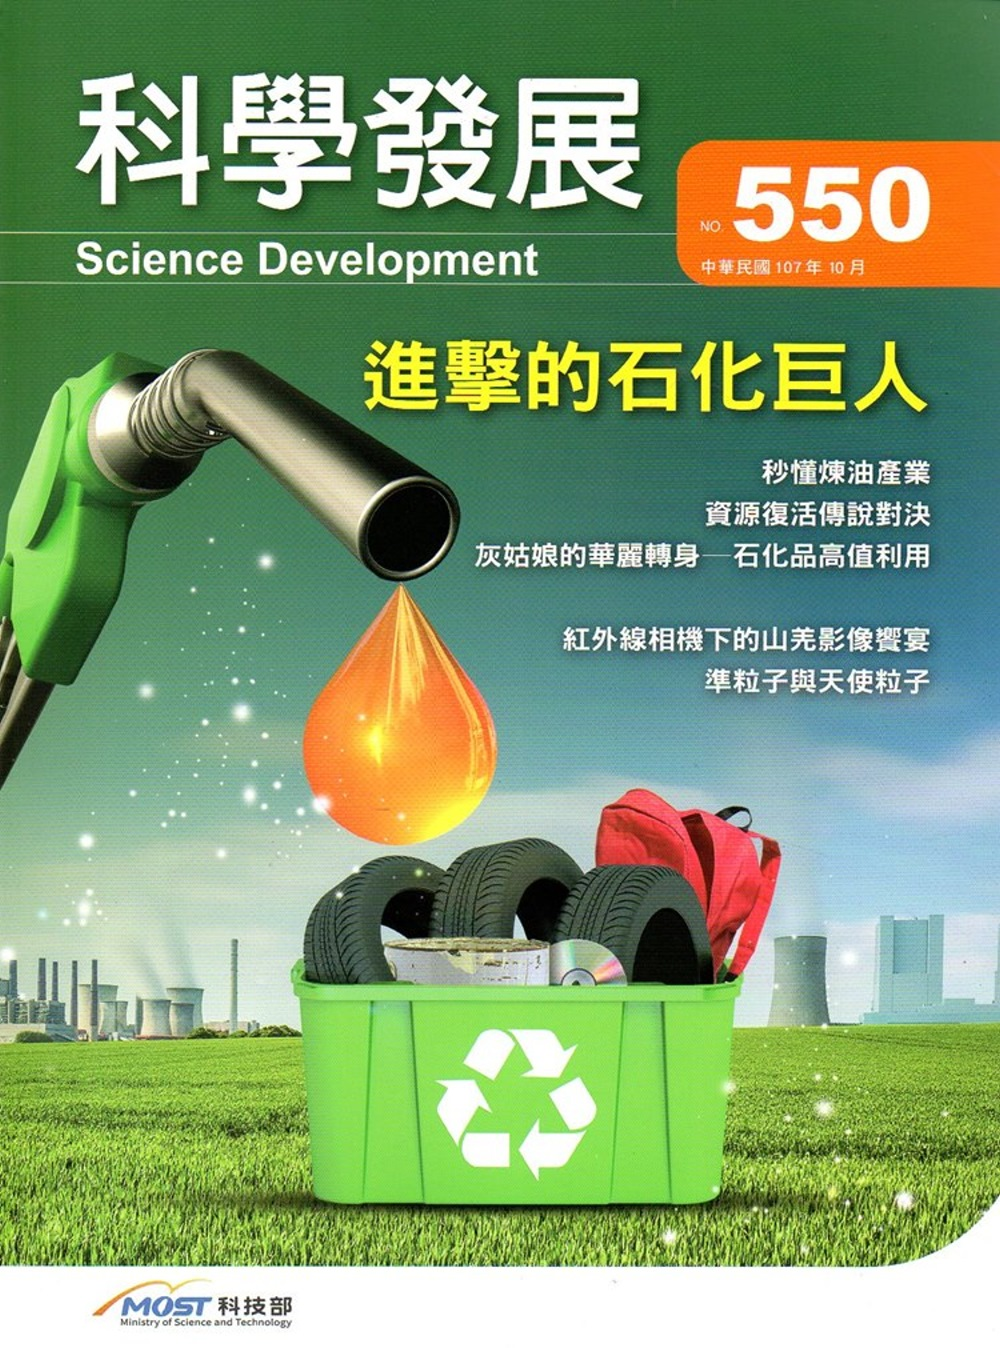 科學發展月刊第550期(107/10)